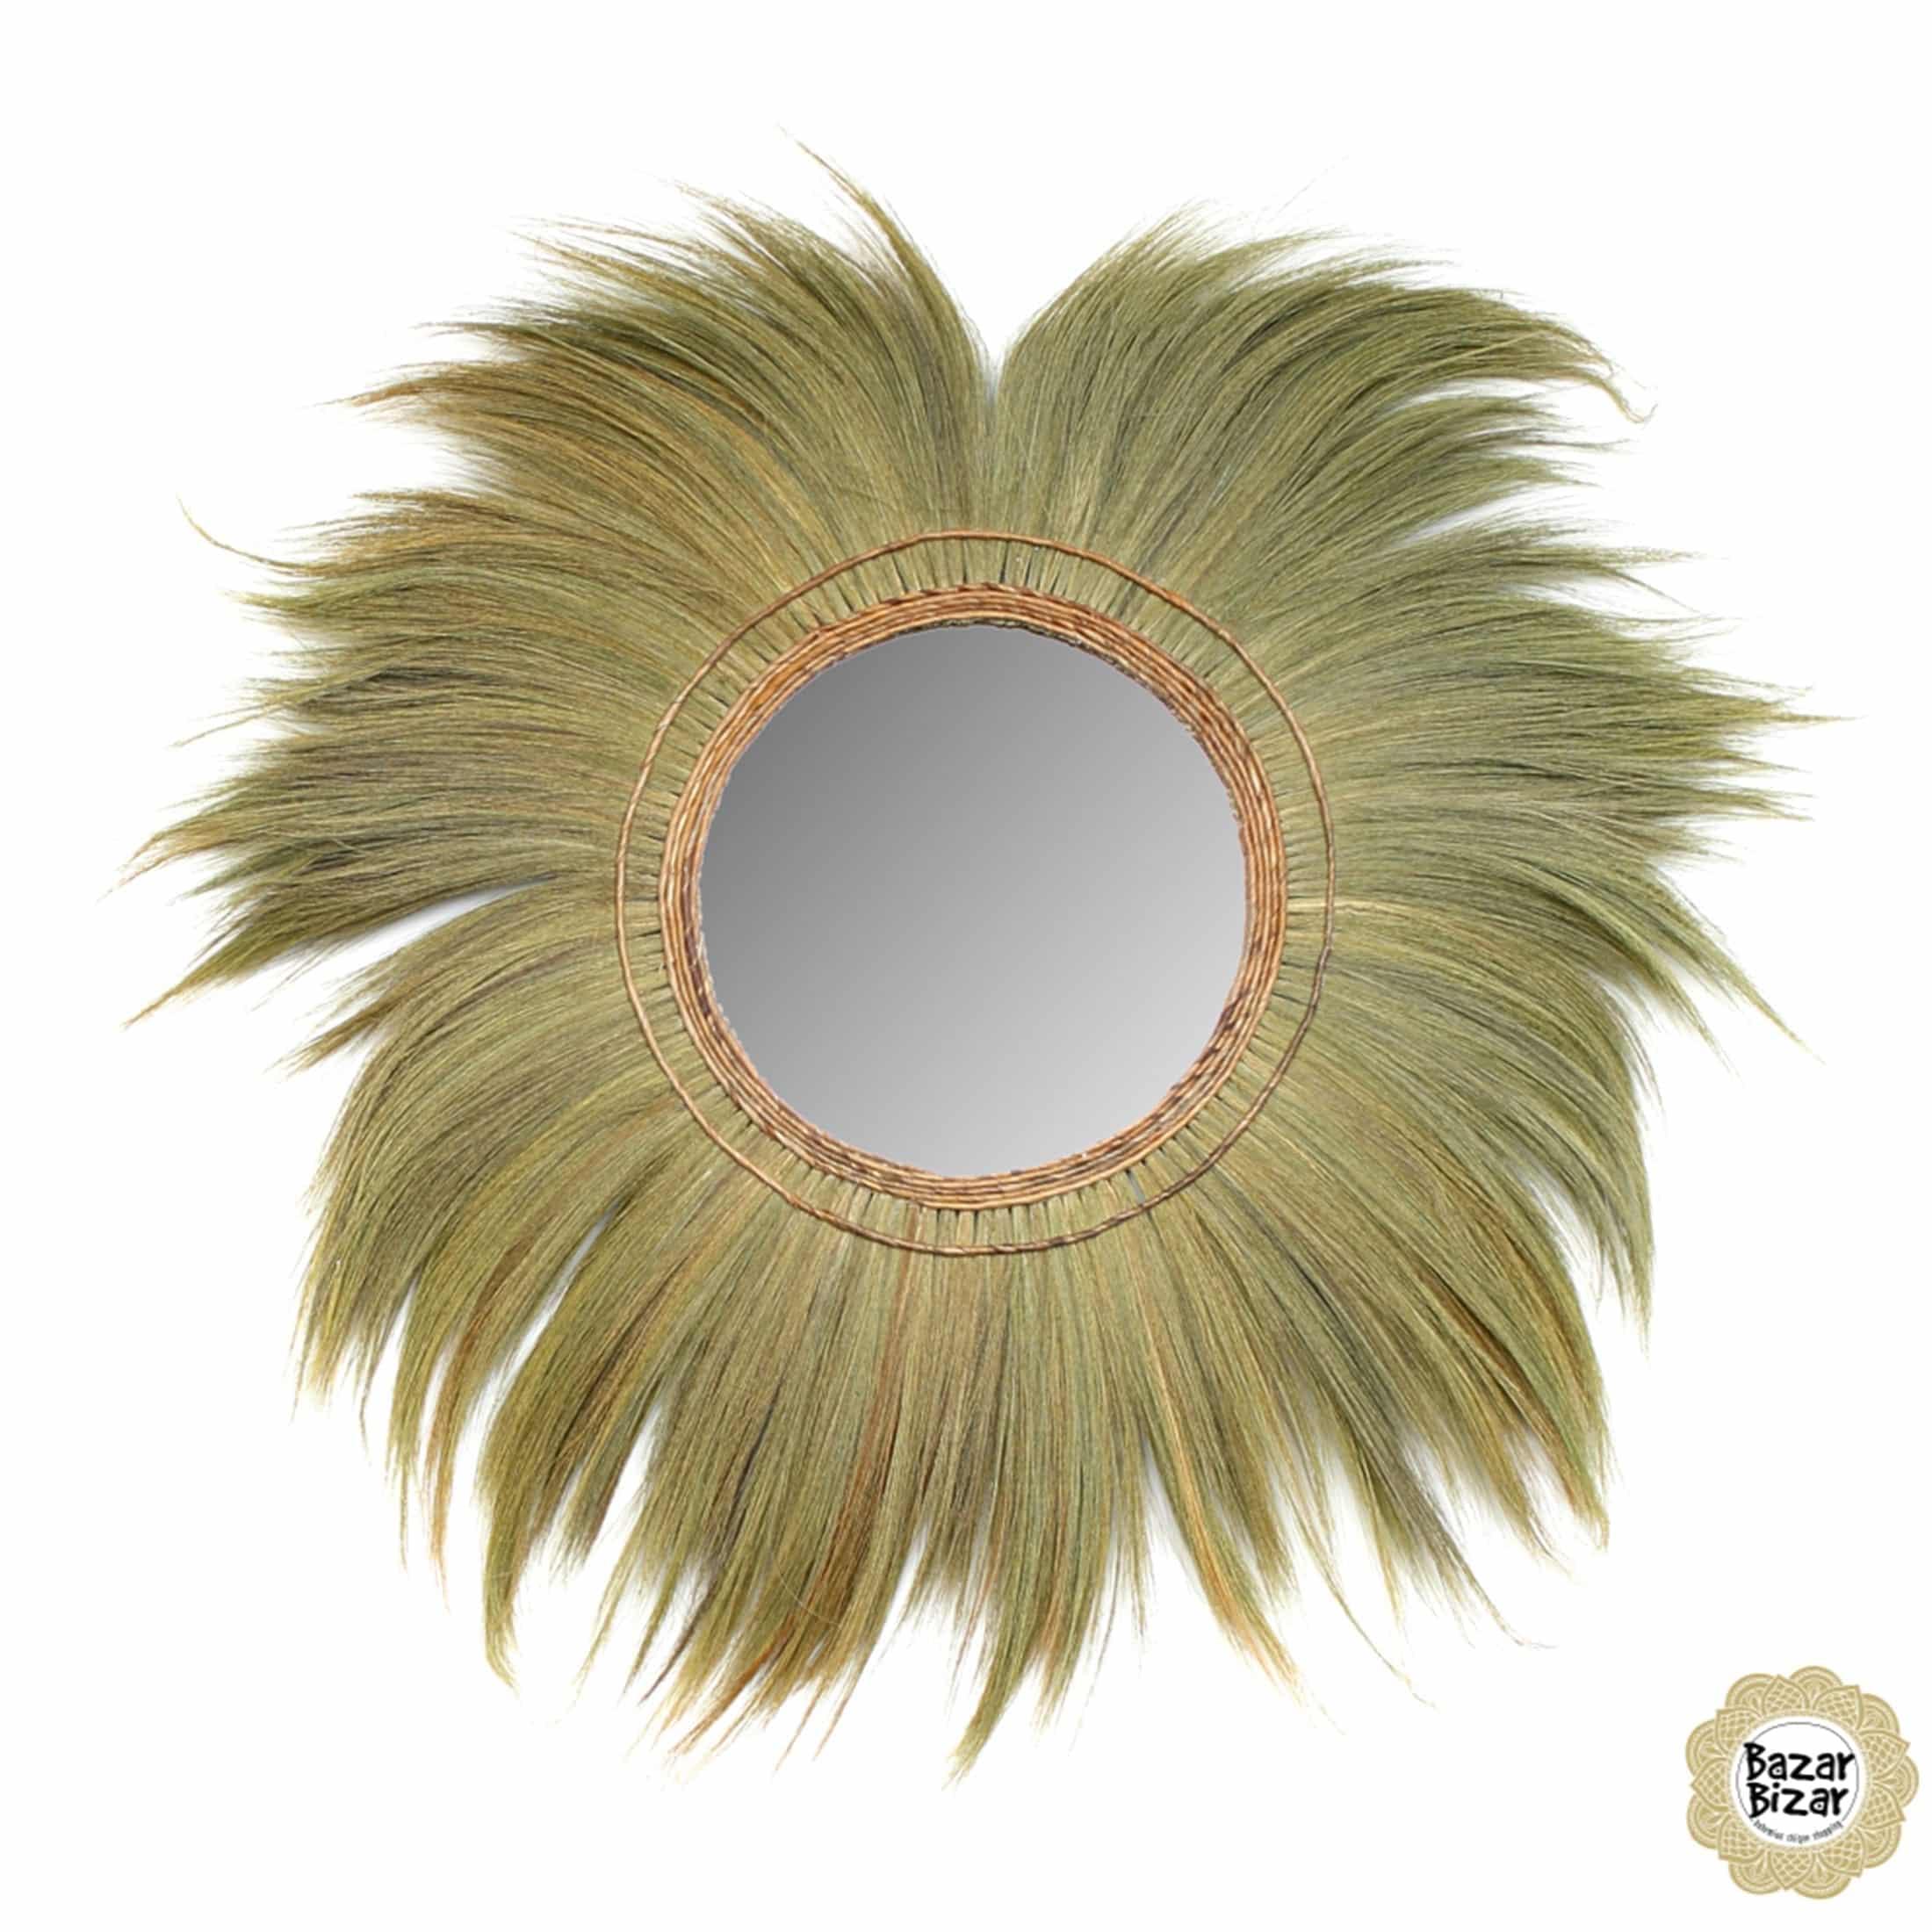 Maritimer Spiegel mit einer Verzierung aus Gras und einem Durchmesser von 130 cm. Der Wandspiegel im Bohemian Look von Bazar Bizar verzaubert das Zuhause